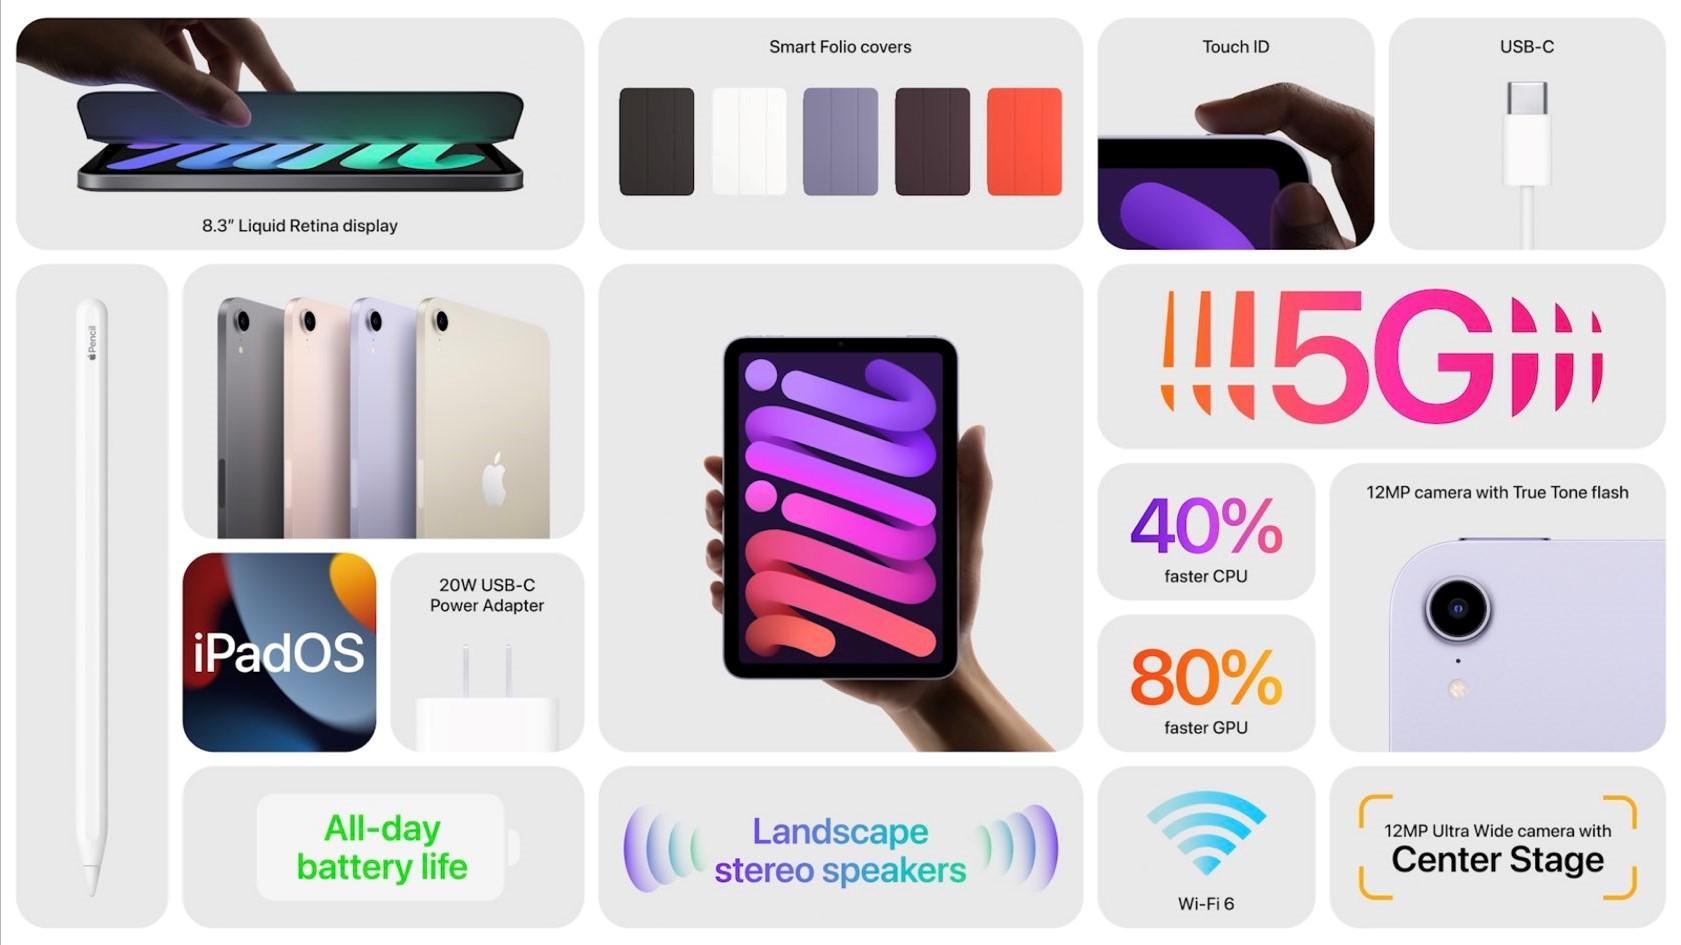 [速報]2021年新型iPad mini6・無印iPad(第9世代)が登場 ホームボタン廃止?価格は?